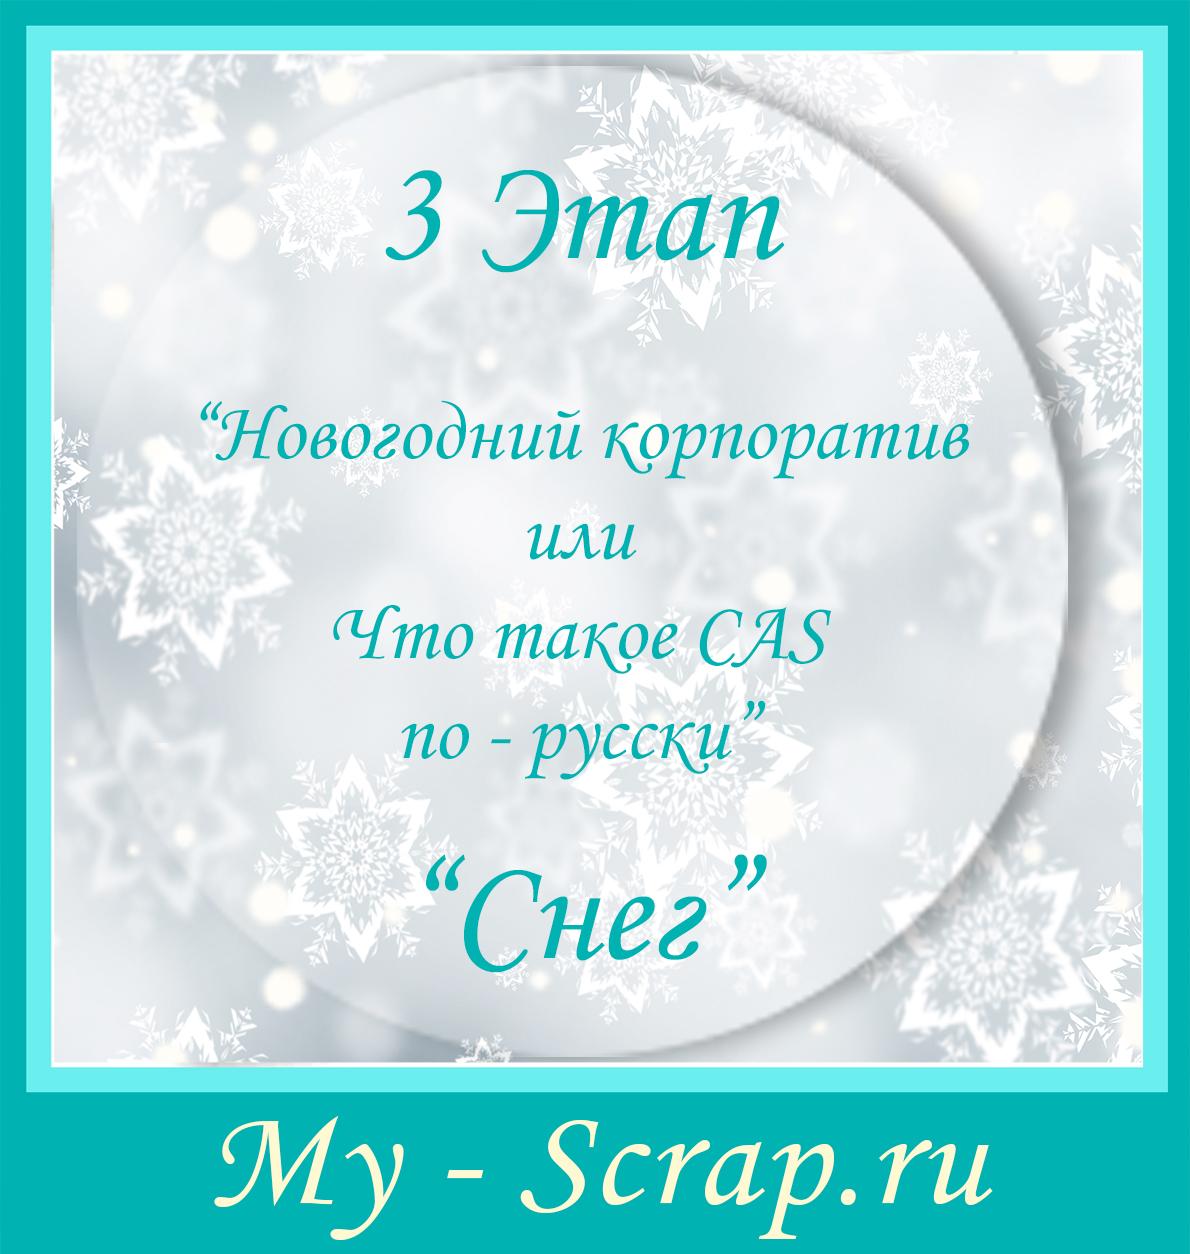 """3 Этап """"НОВОГОДНИЙ КОРПОРАТИВ, или Что такое CAS по-русски"""" Снег"""""""